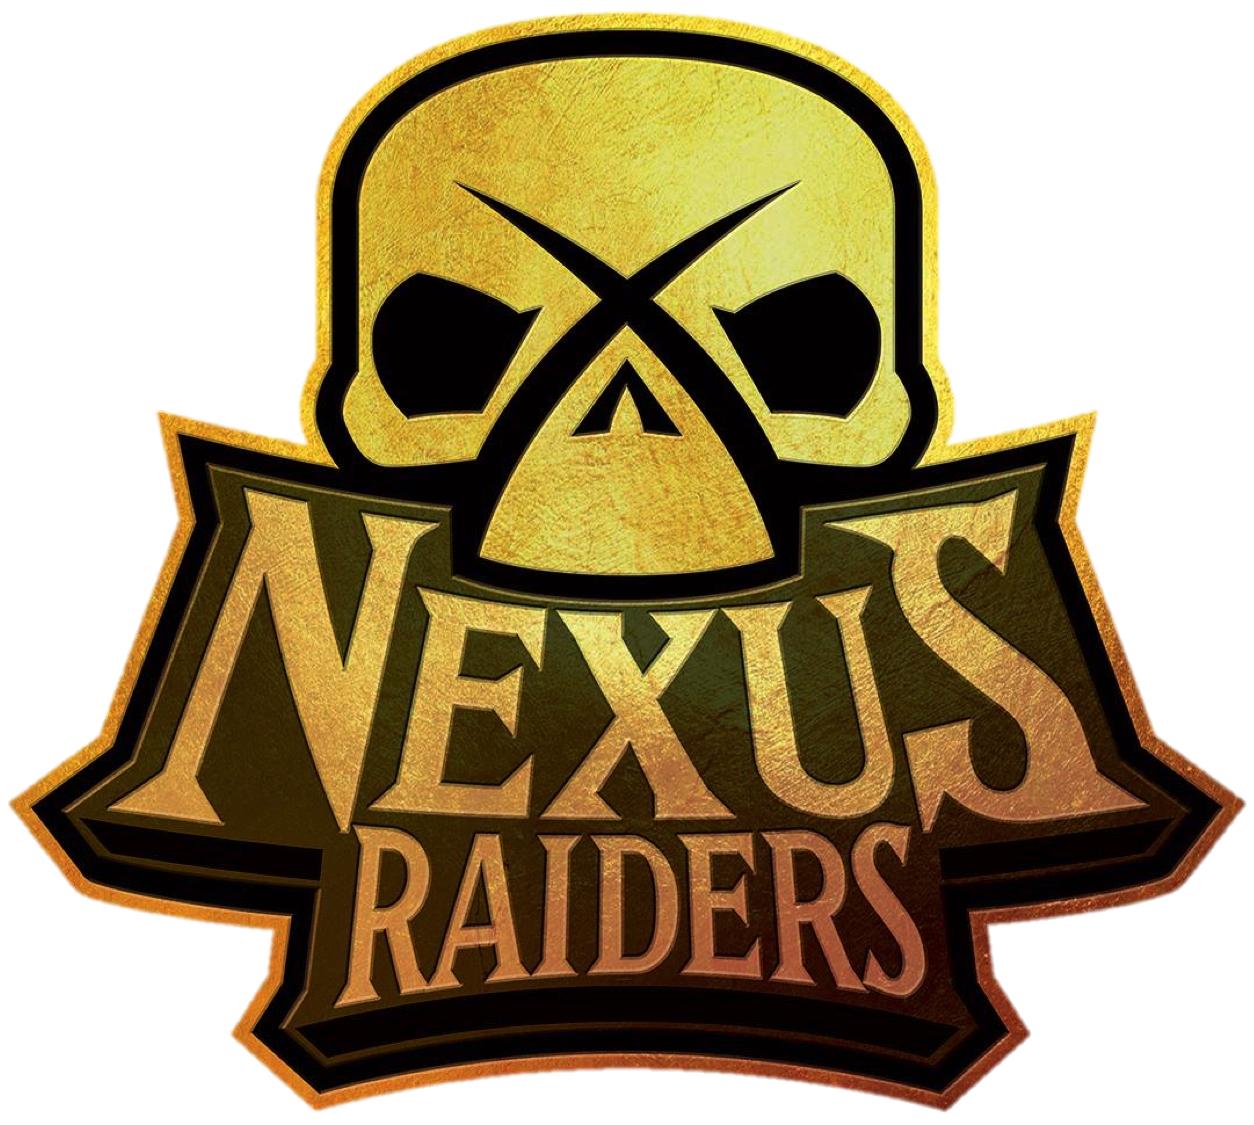 Nexus Raiders